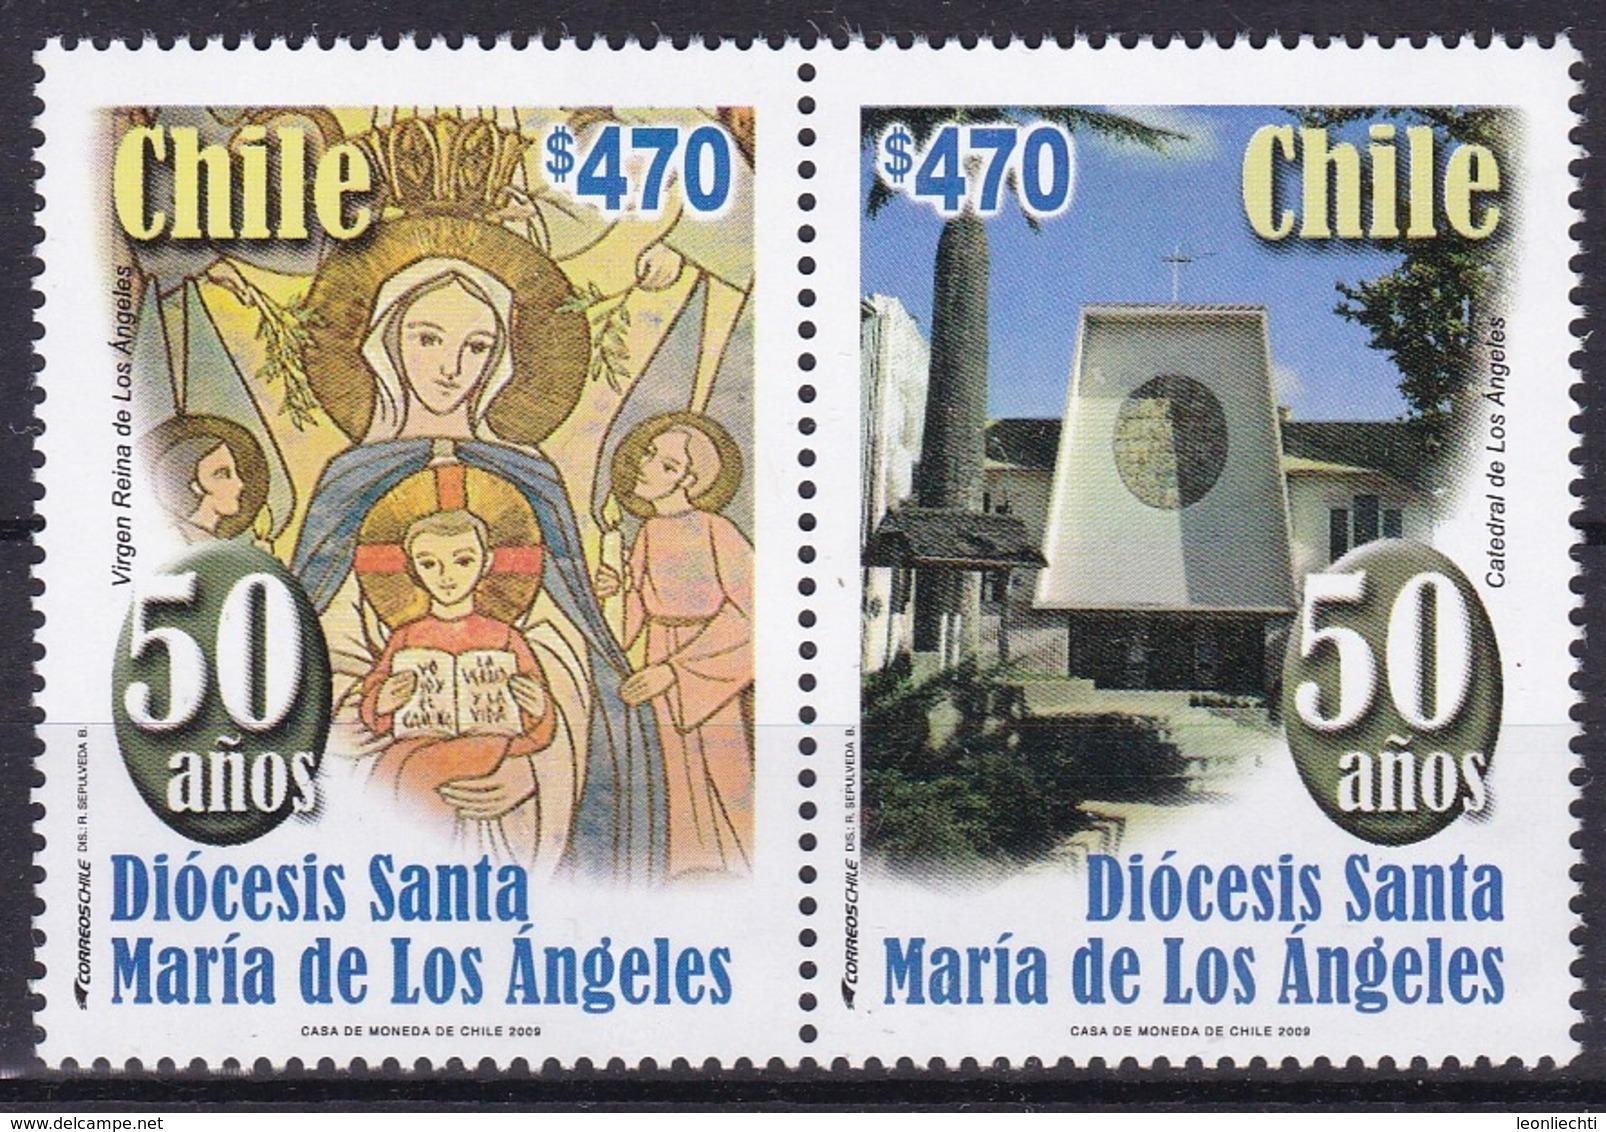 Chile 2009. Diocesis Santa Maria Des Los Angeles - Chili